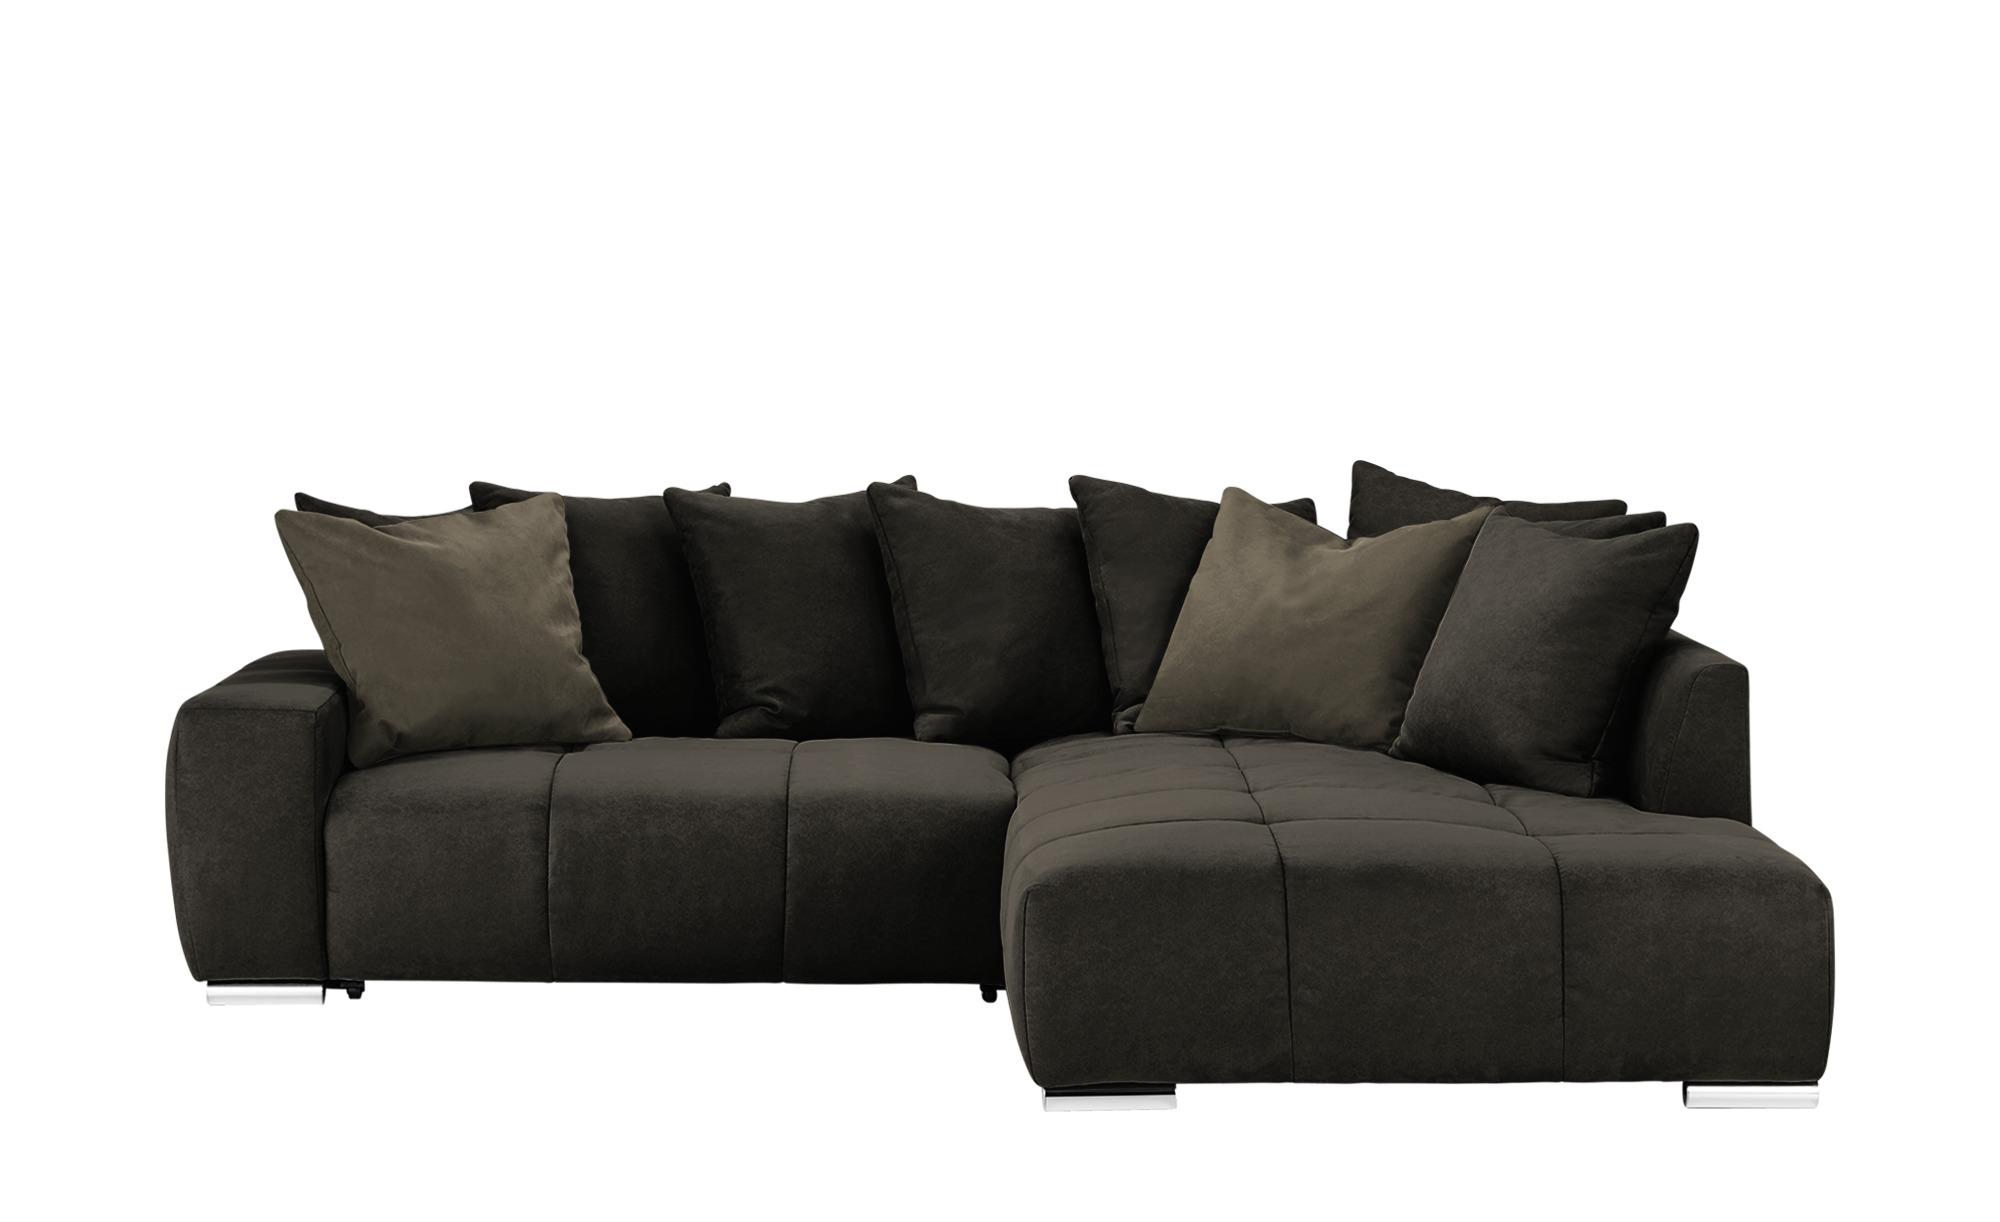 Bobb ecksofa dunja breite h he 88 cm braun online kaufen for Ecksofa breite 200 cm